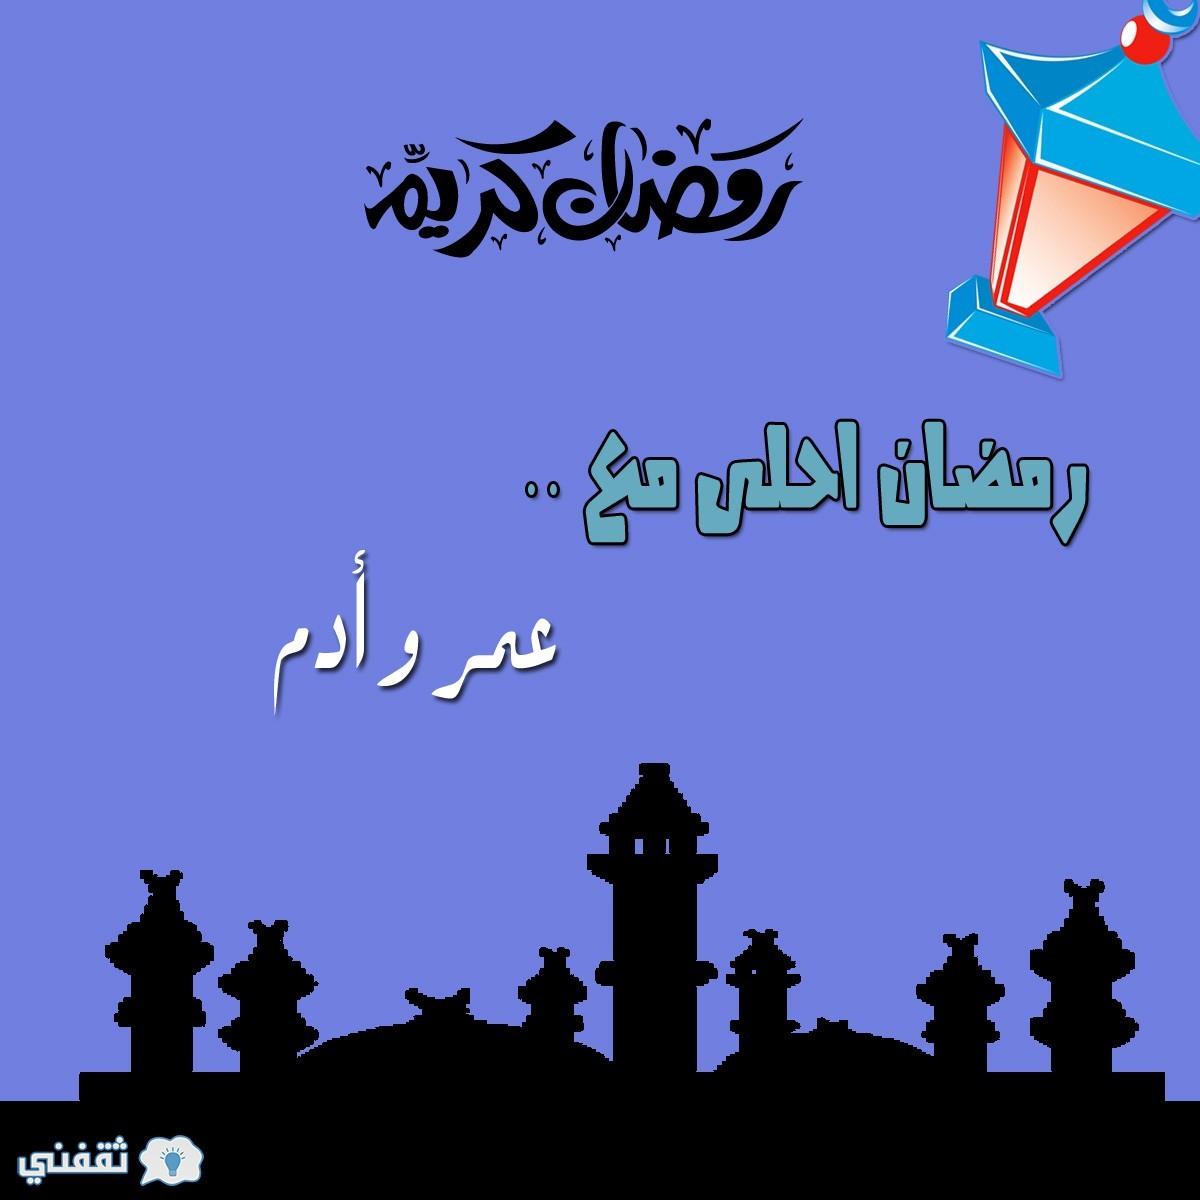 رمضان احلى مع عمر و ادم